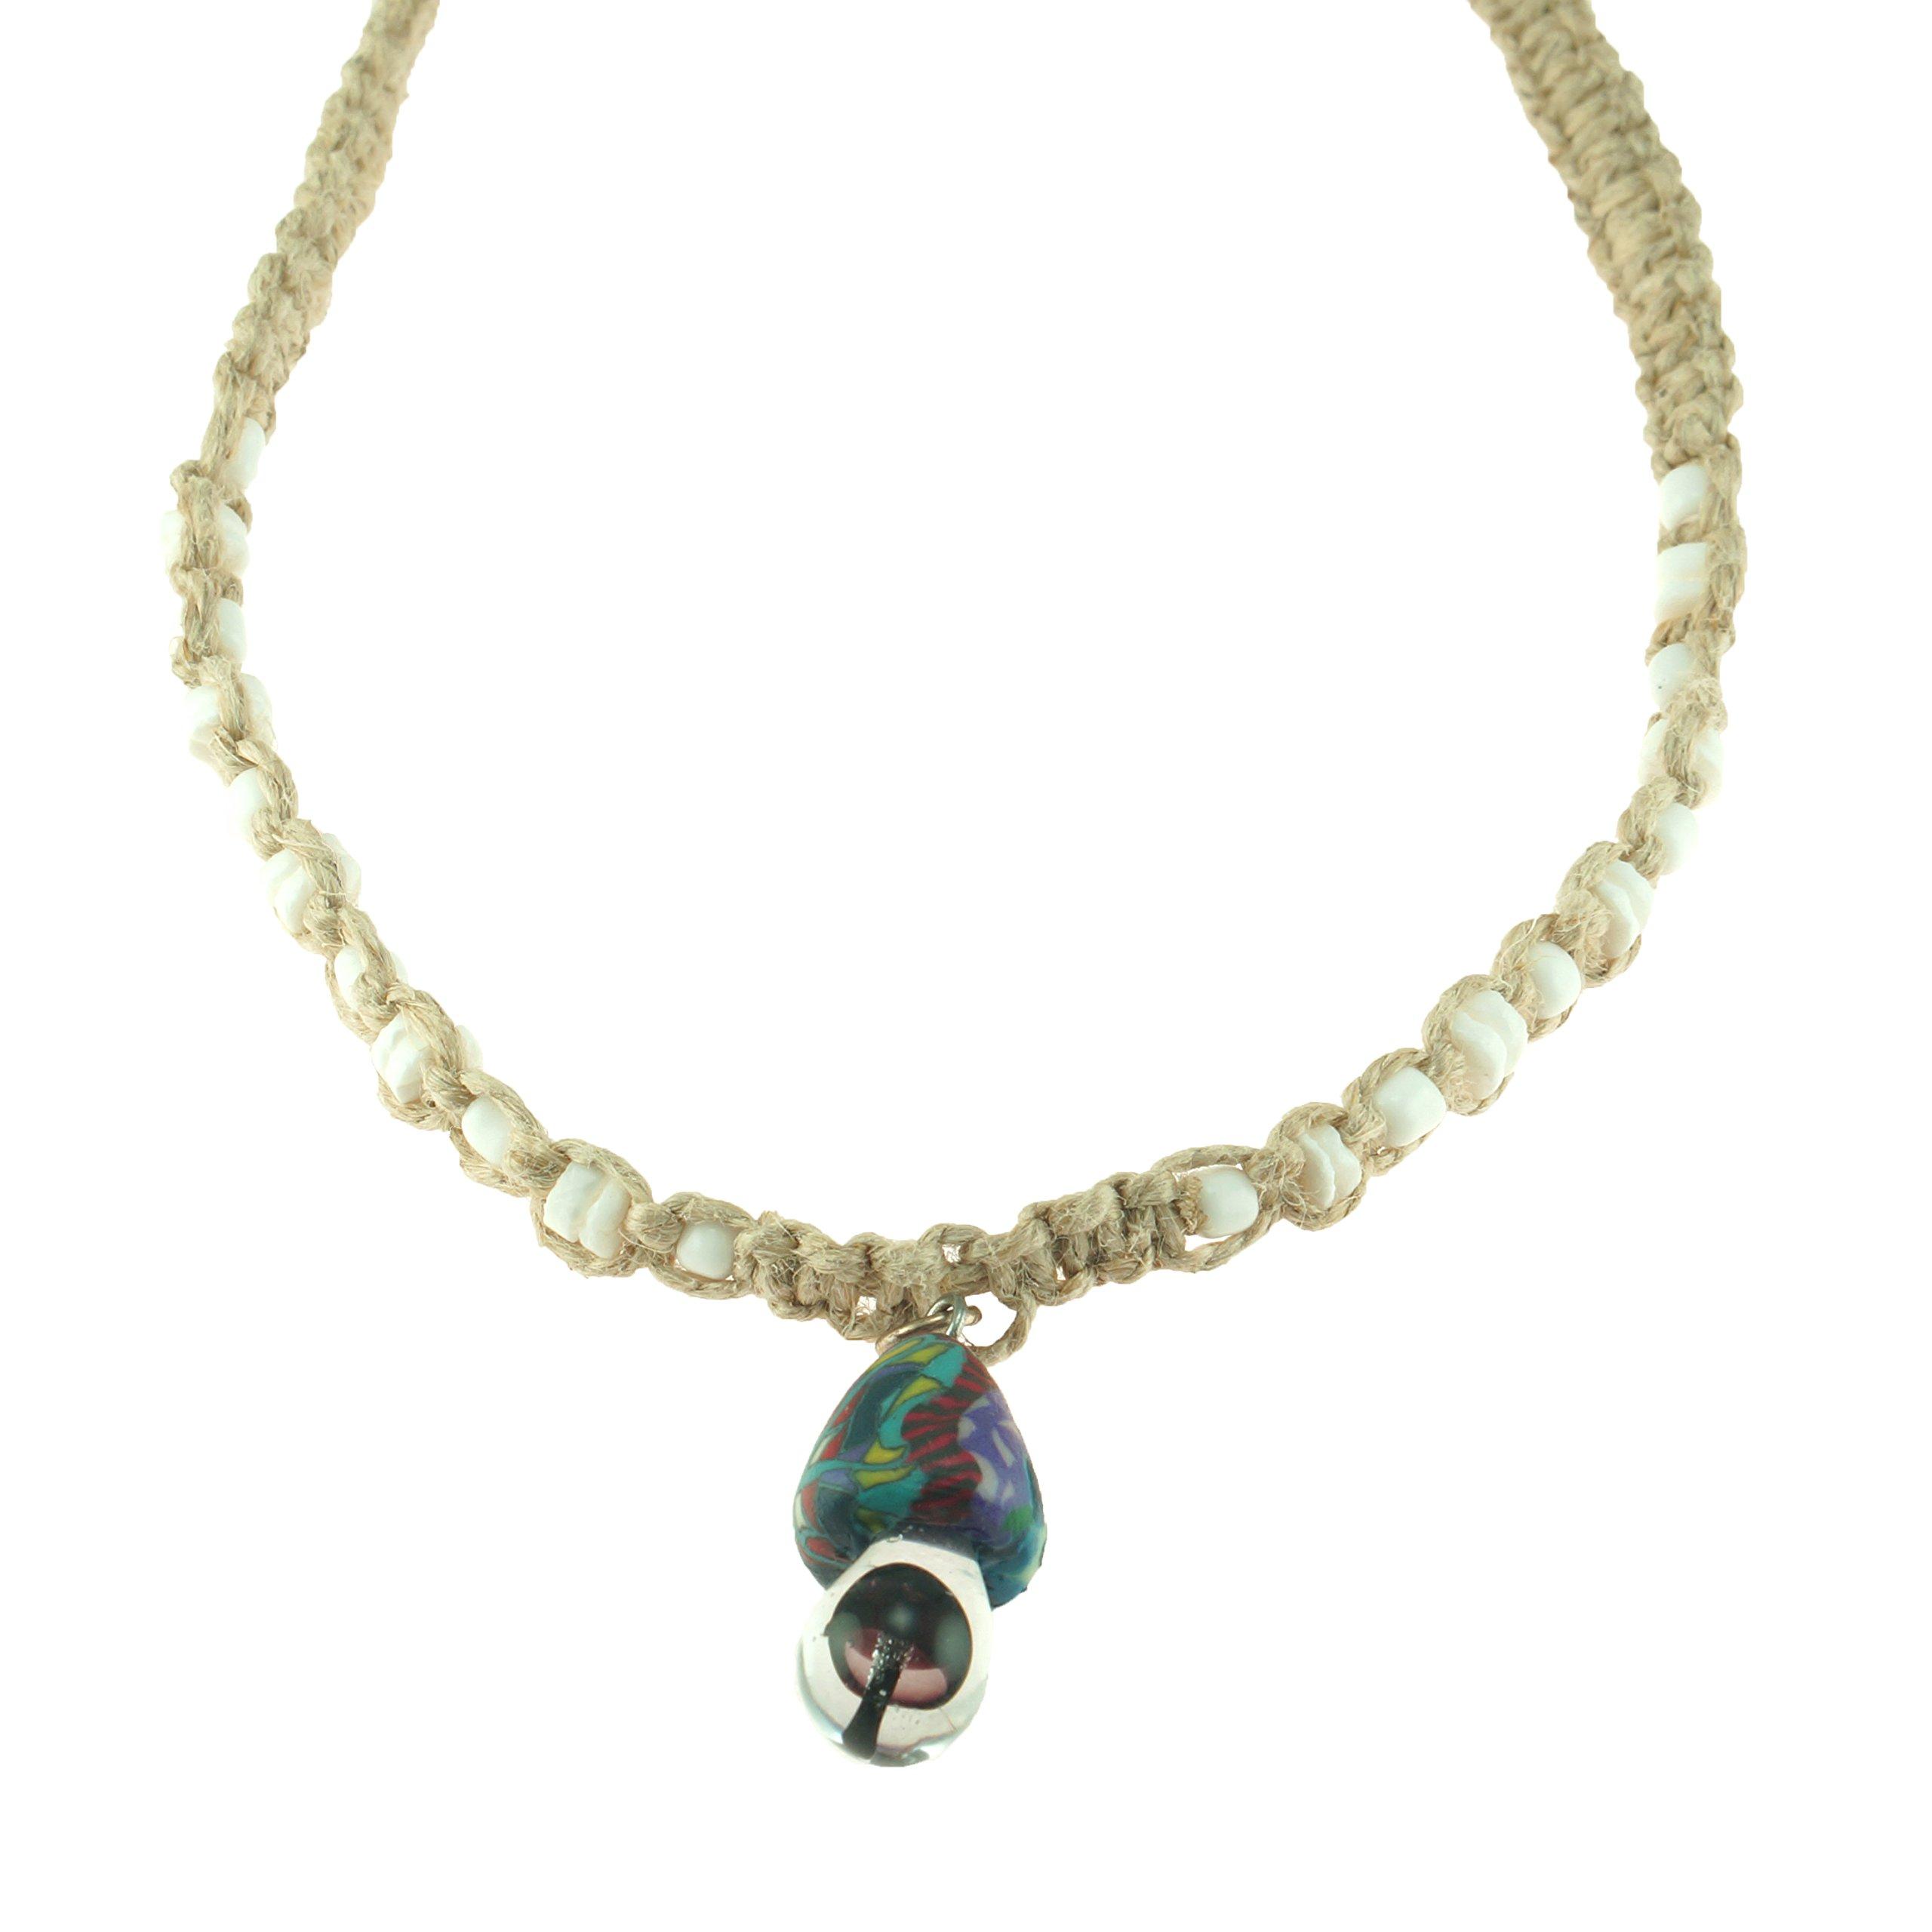 Purple fimo glass mushroom pendant on hemp choker necklace with puka purple fimo glass mushroom pendant on hemp choker necklace with puka clam shell beads aloadofball Images